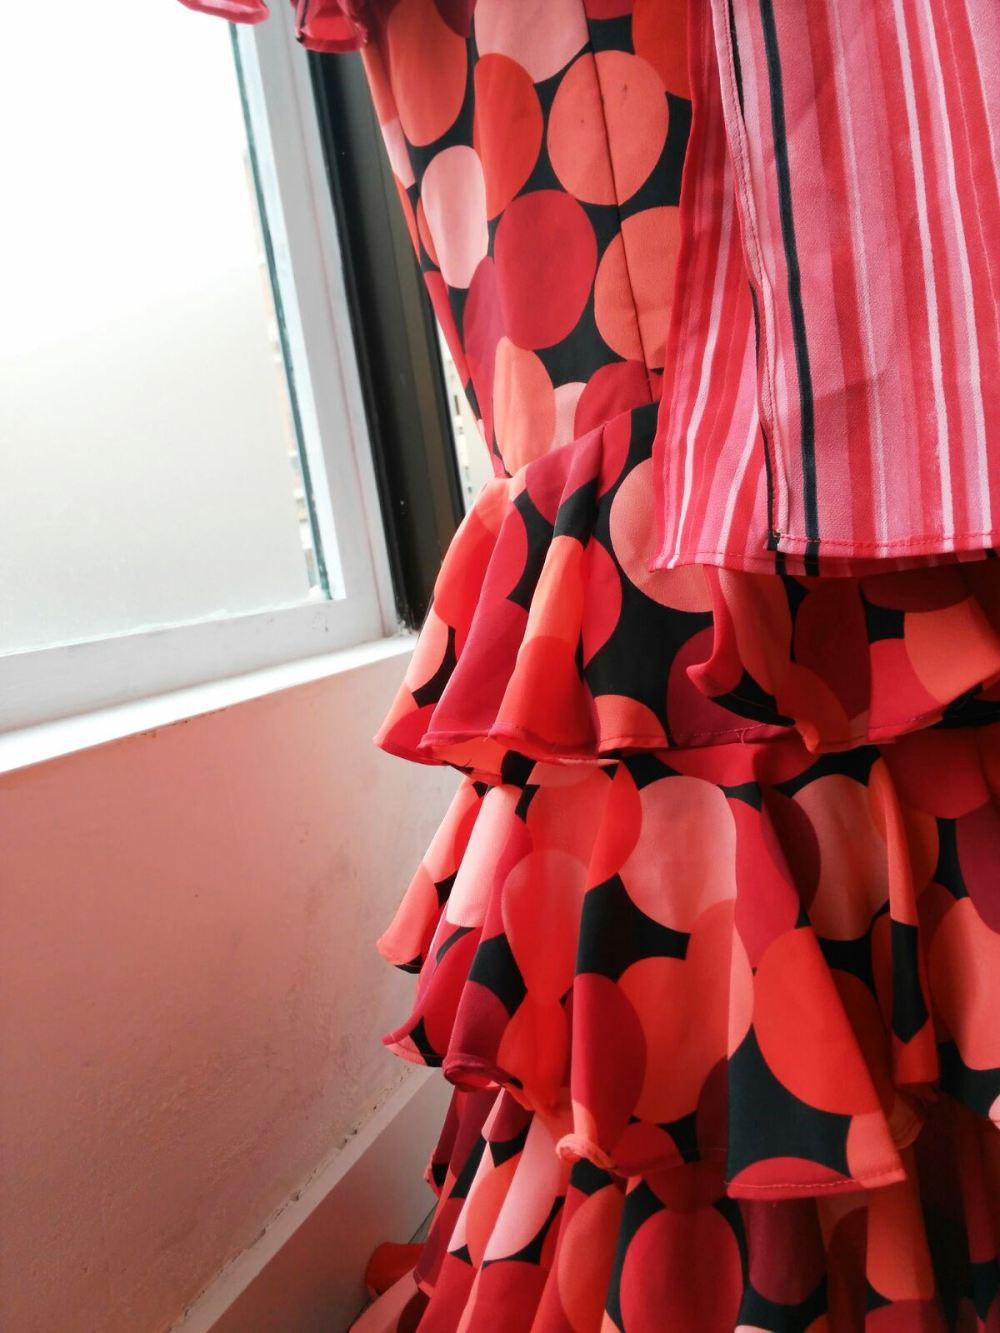 Detalle volantes de falda. Colección flamenca África Moreno 2017